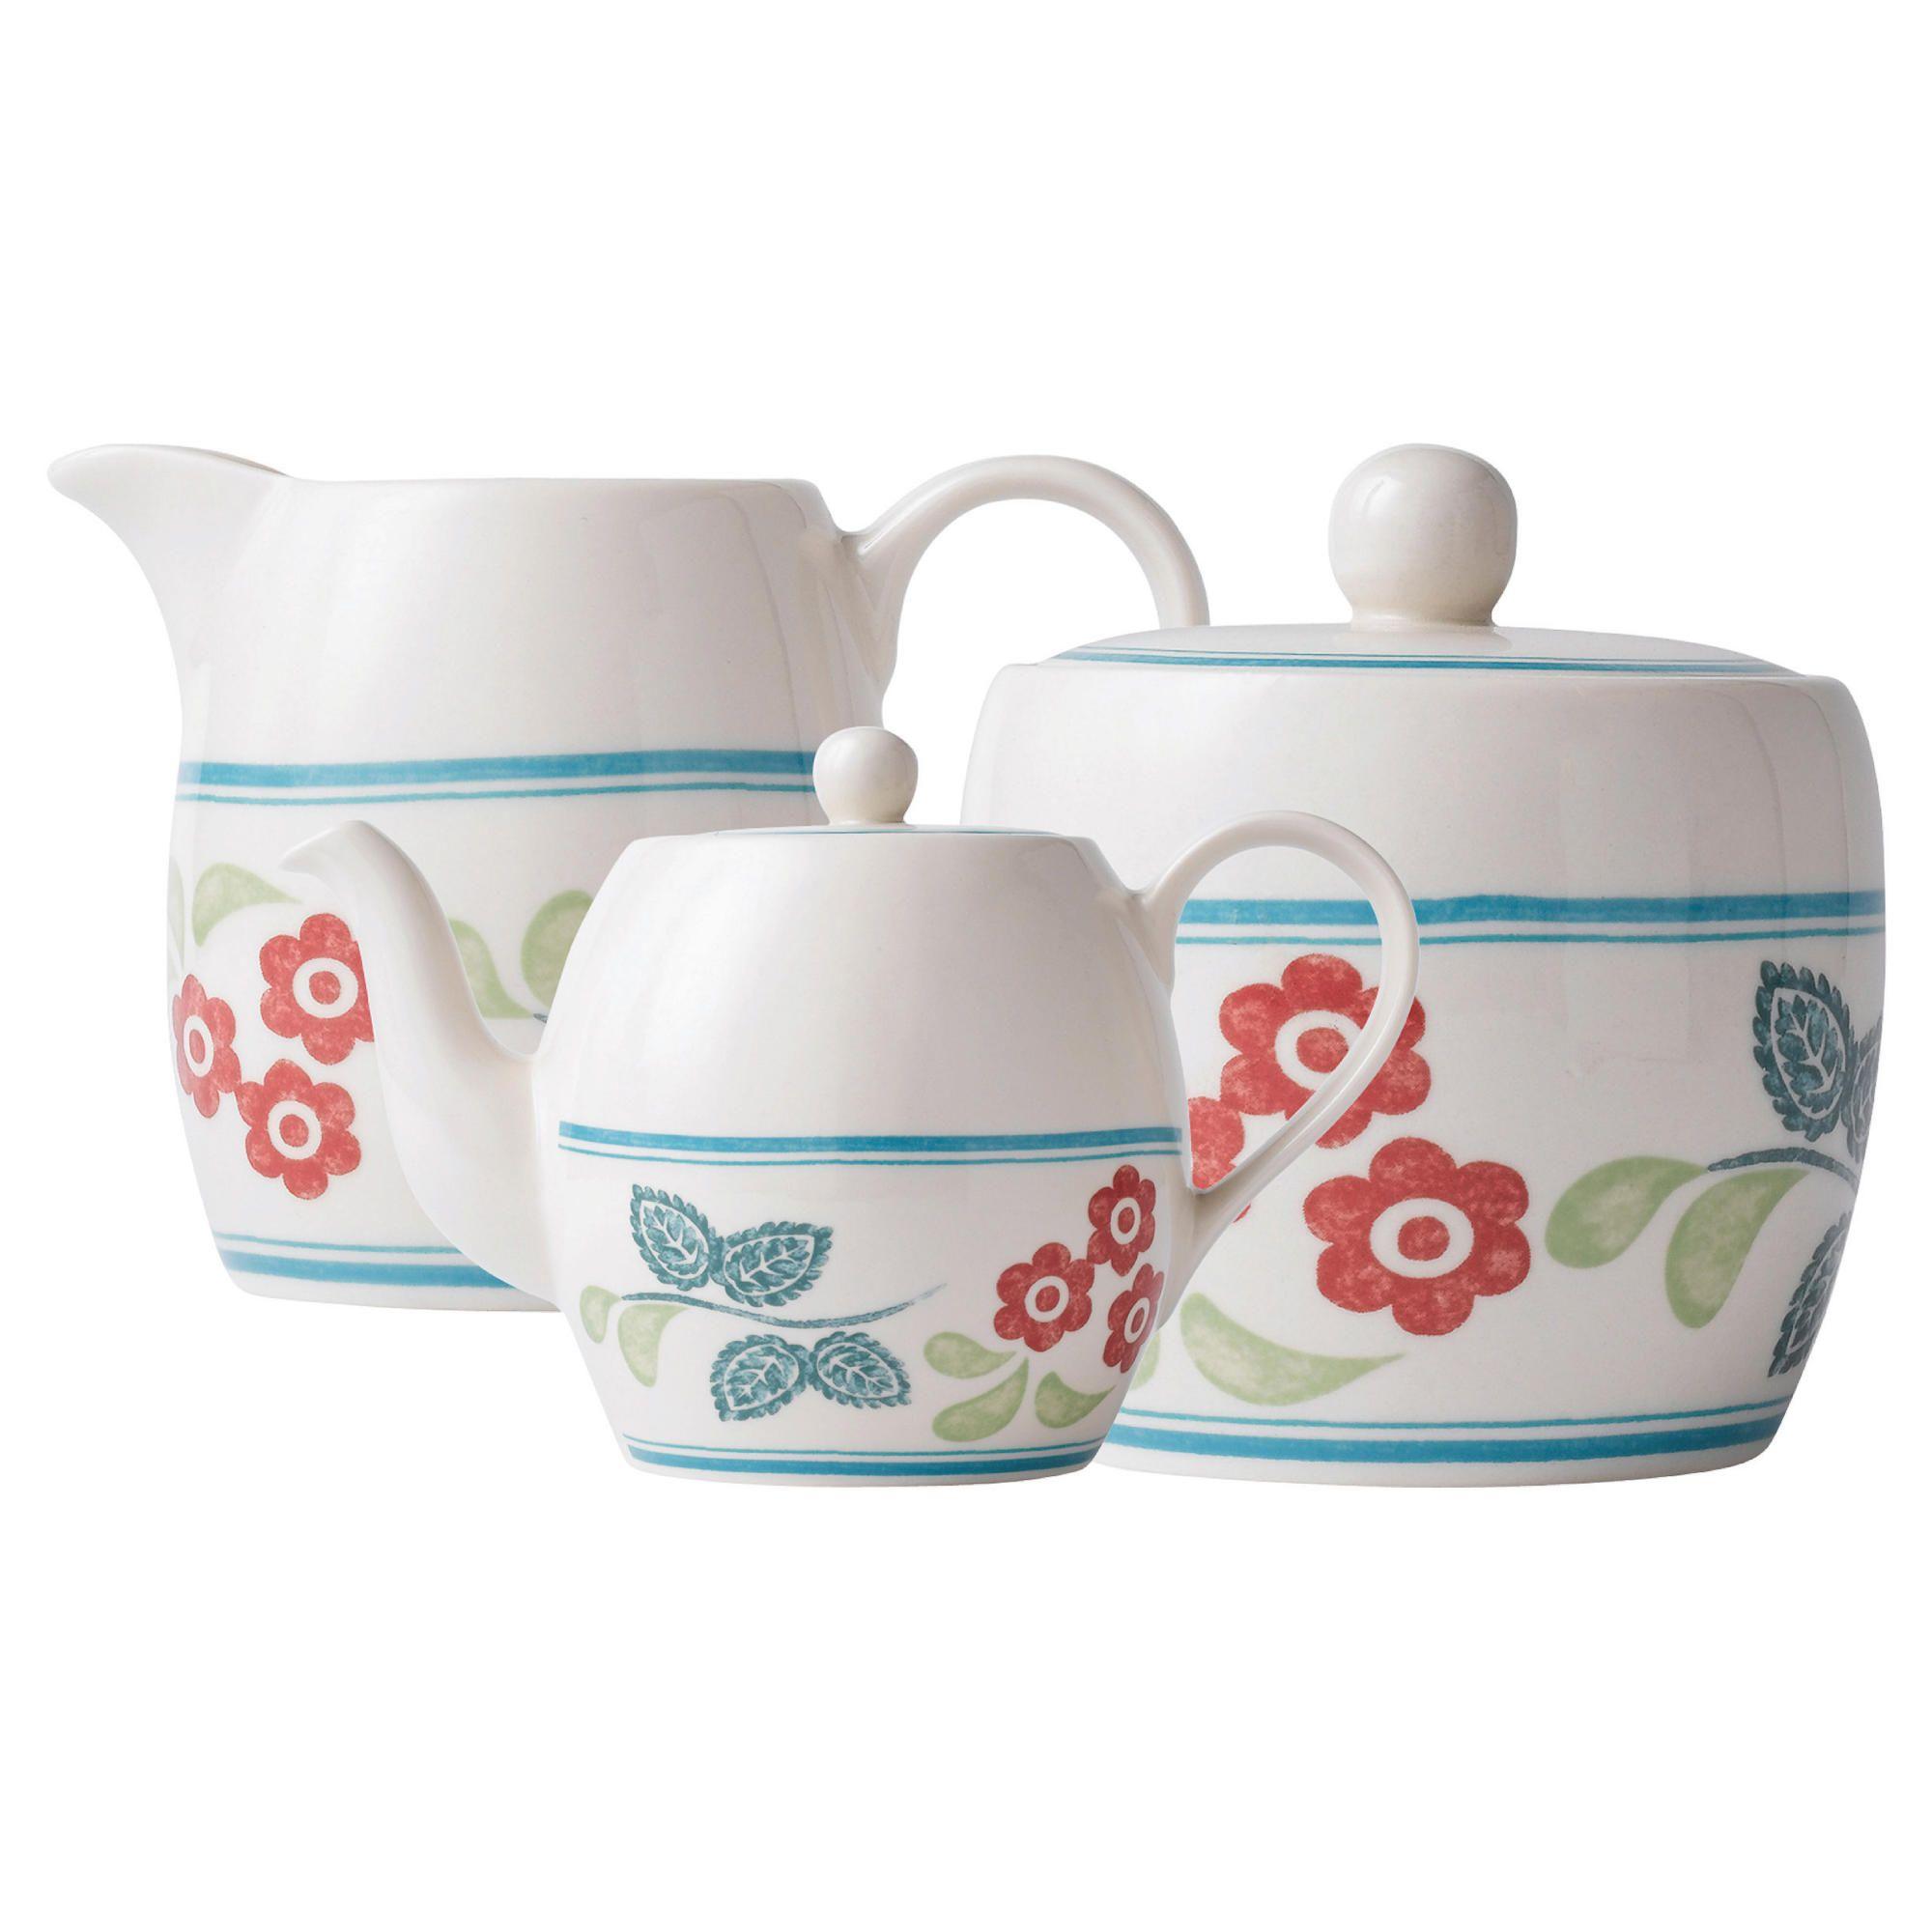 Johnson Bros Farmhouse Kitchen Red Daisy Teapot Set